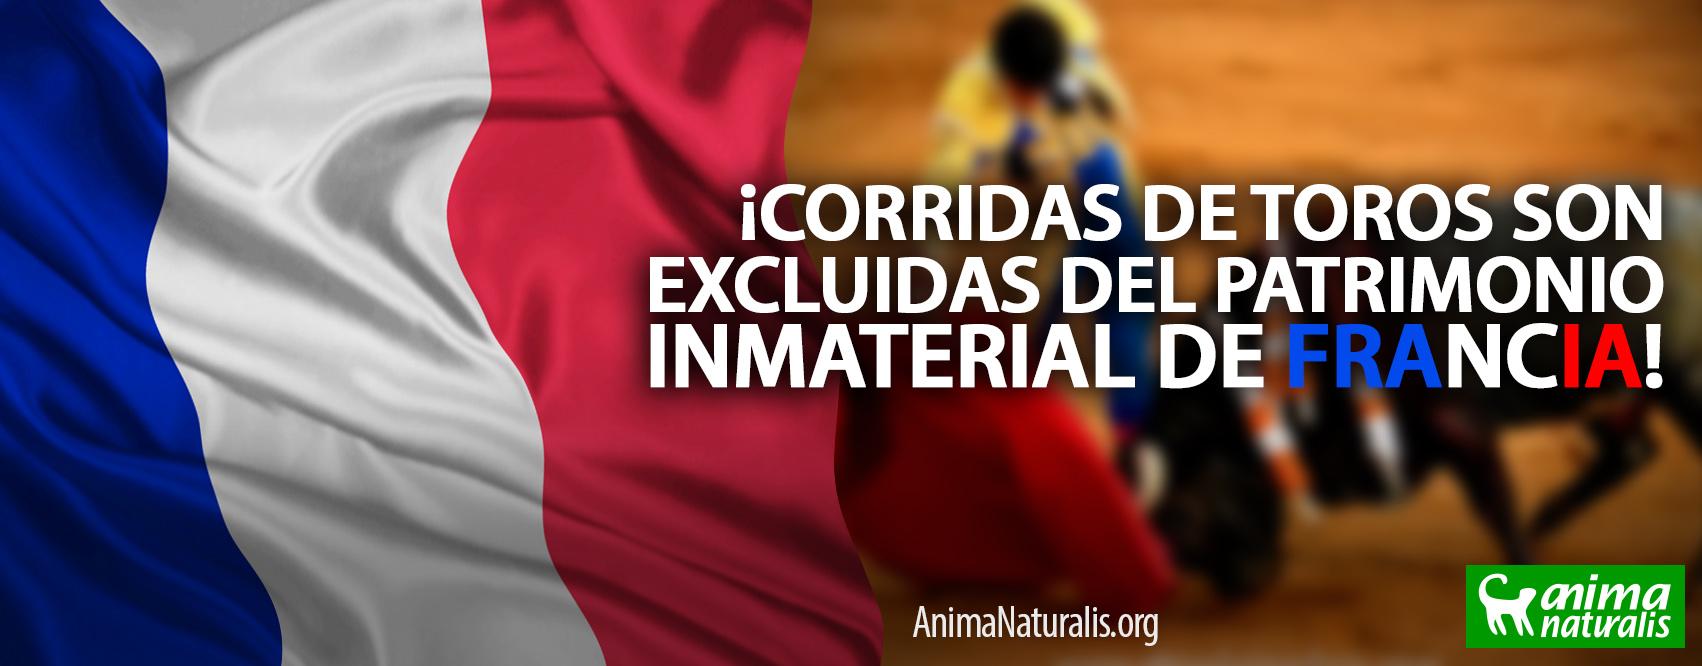 ¡Gran logro! Francia excluye a las corridas de toros del patrimonio cultural inmaterial